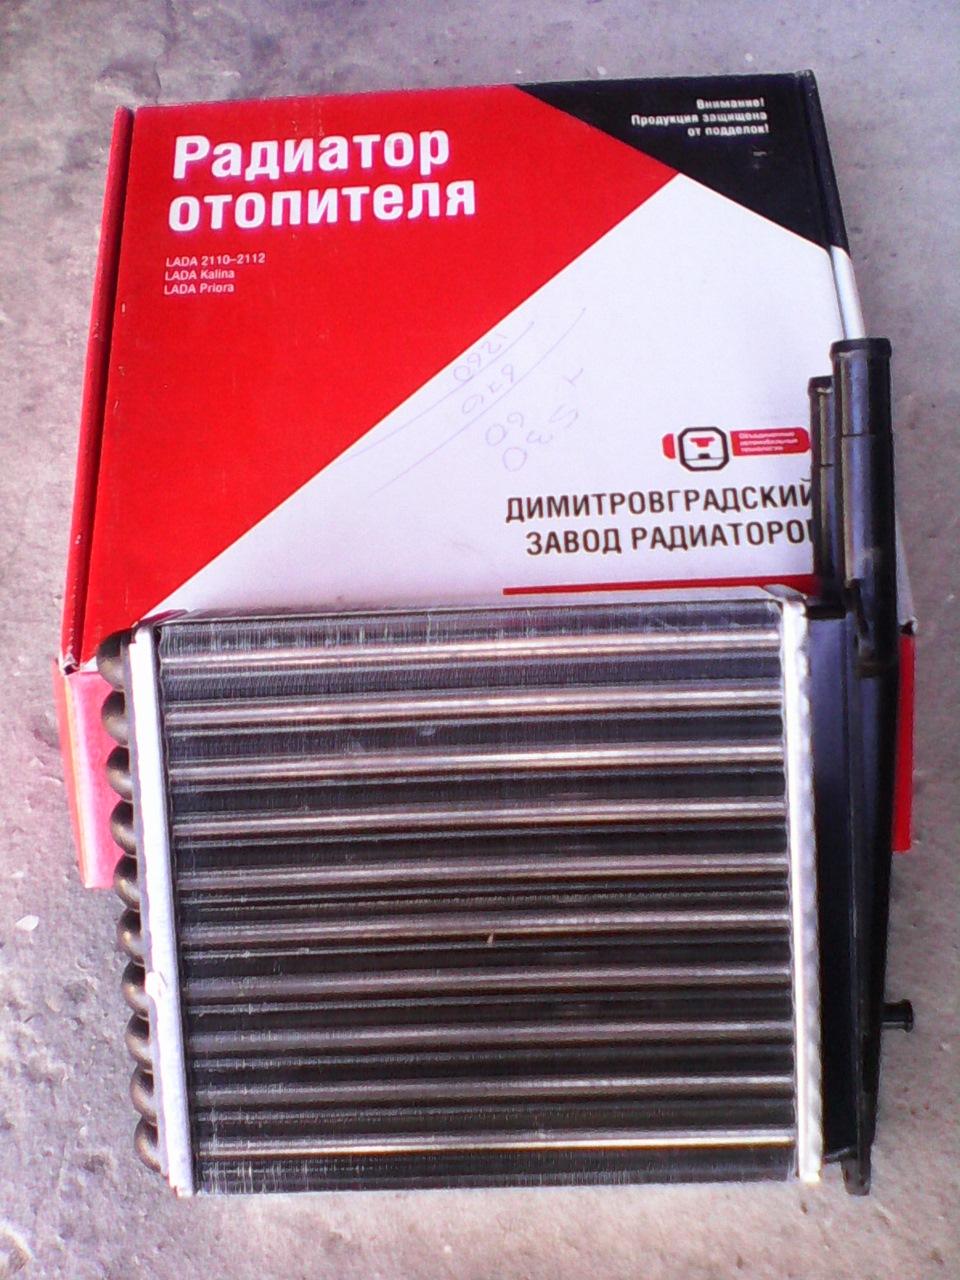 Радиатор кондиционера радиатор печки установка вакуумный насос для кондиционеров купить в краснодаре